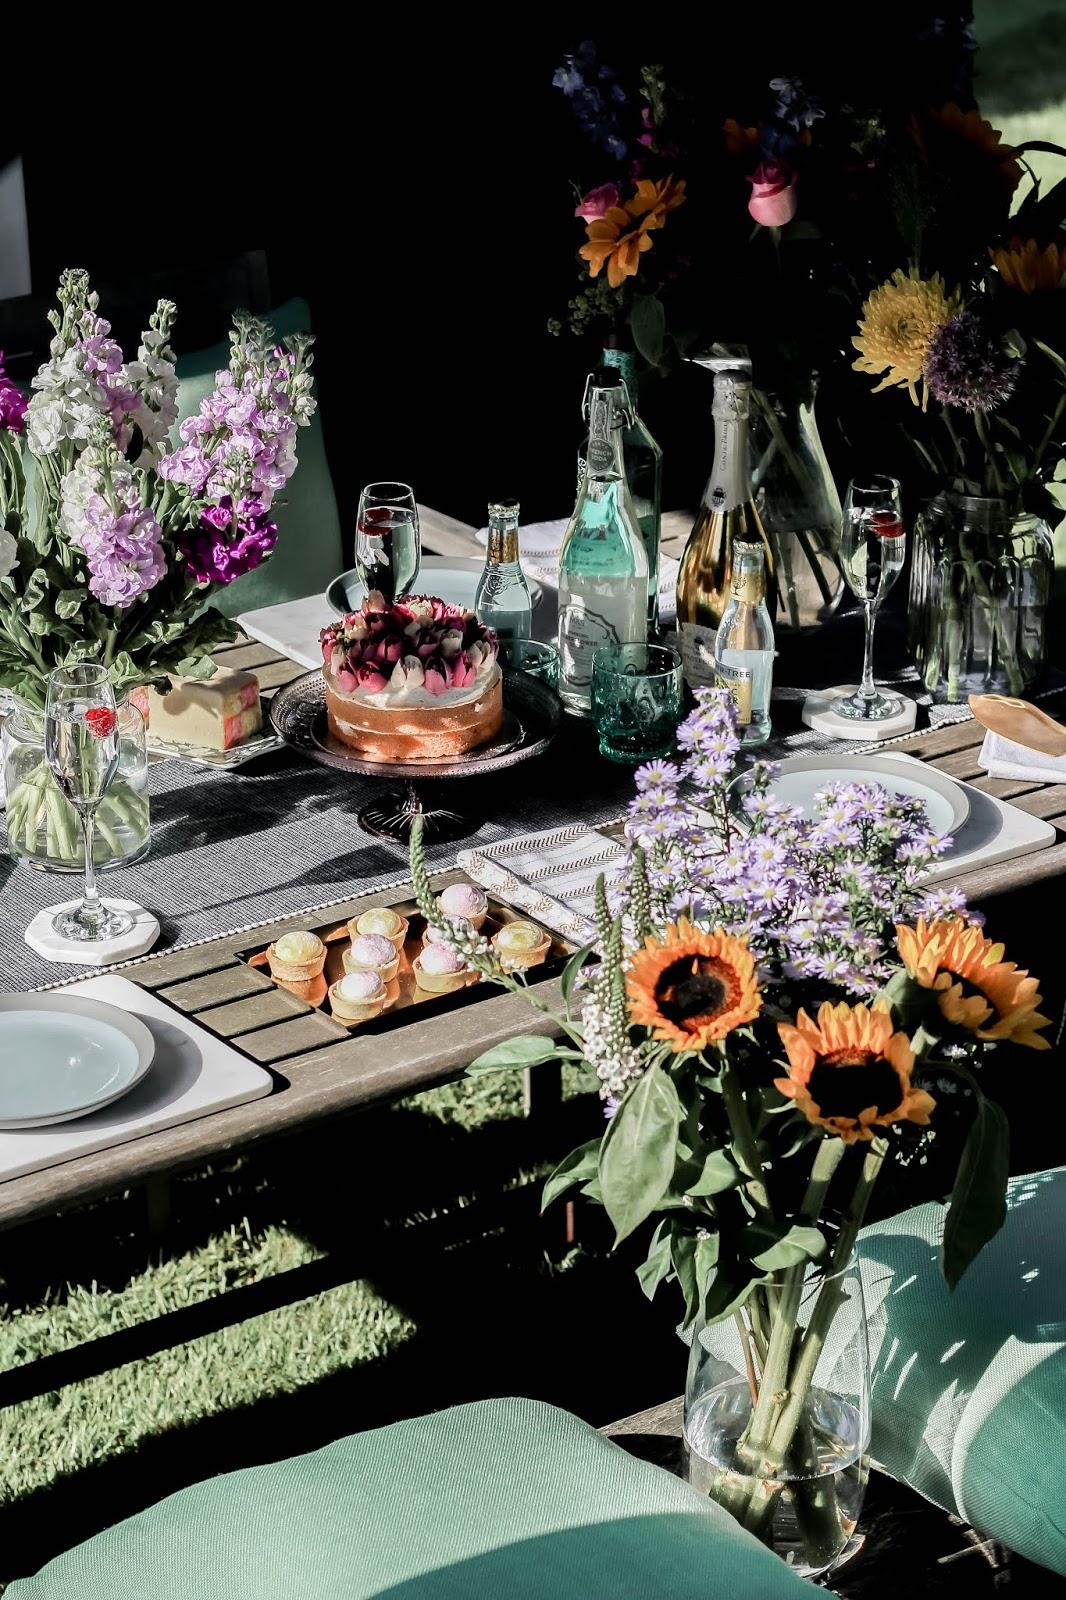 Al Fresco Colourful Summer Dining